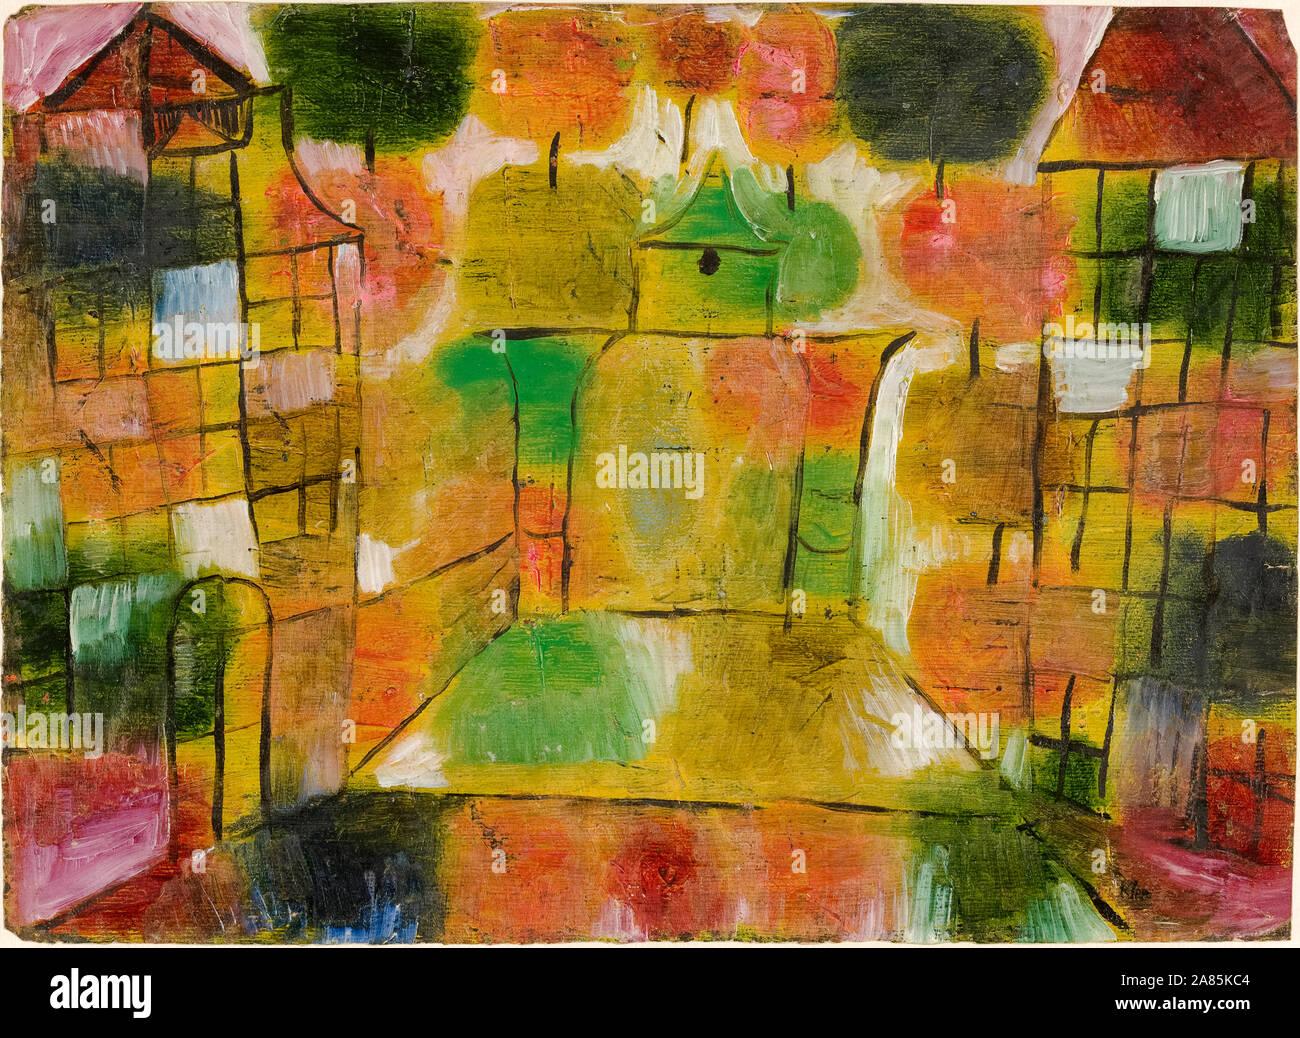 Paul Klee, abstrakte Malerei, Baum und Architektur-Rhythmen, (Baum und Architecture-Rhythms), 1920 Stockfoto